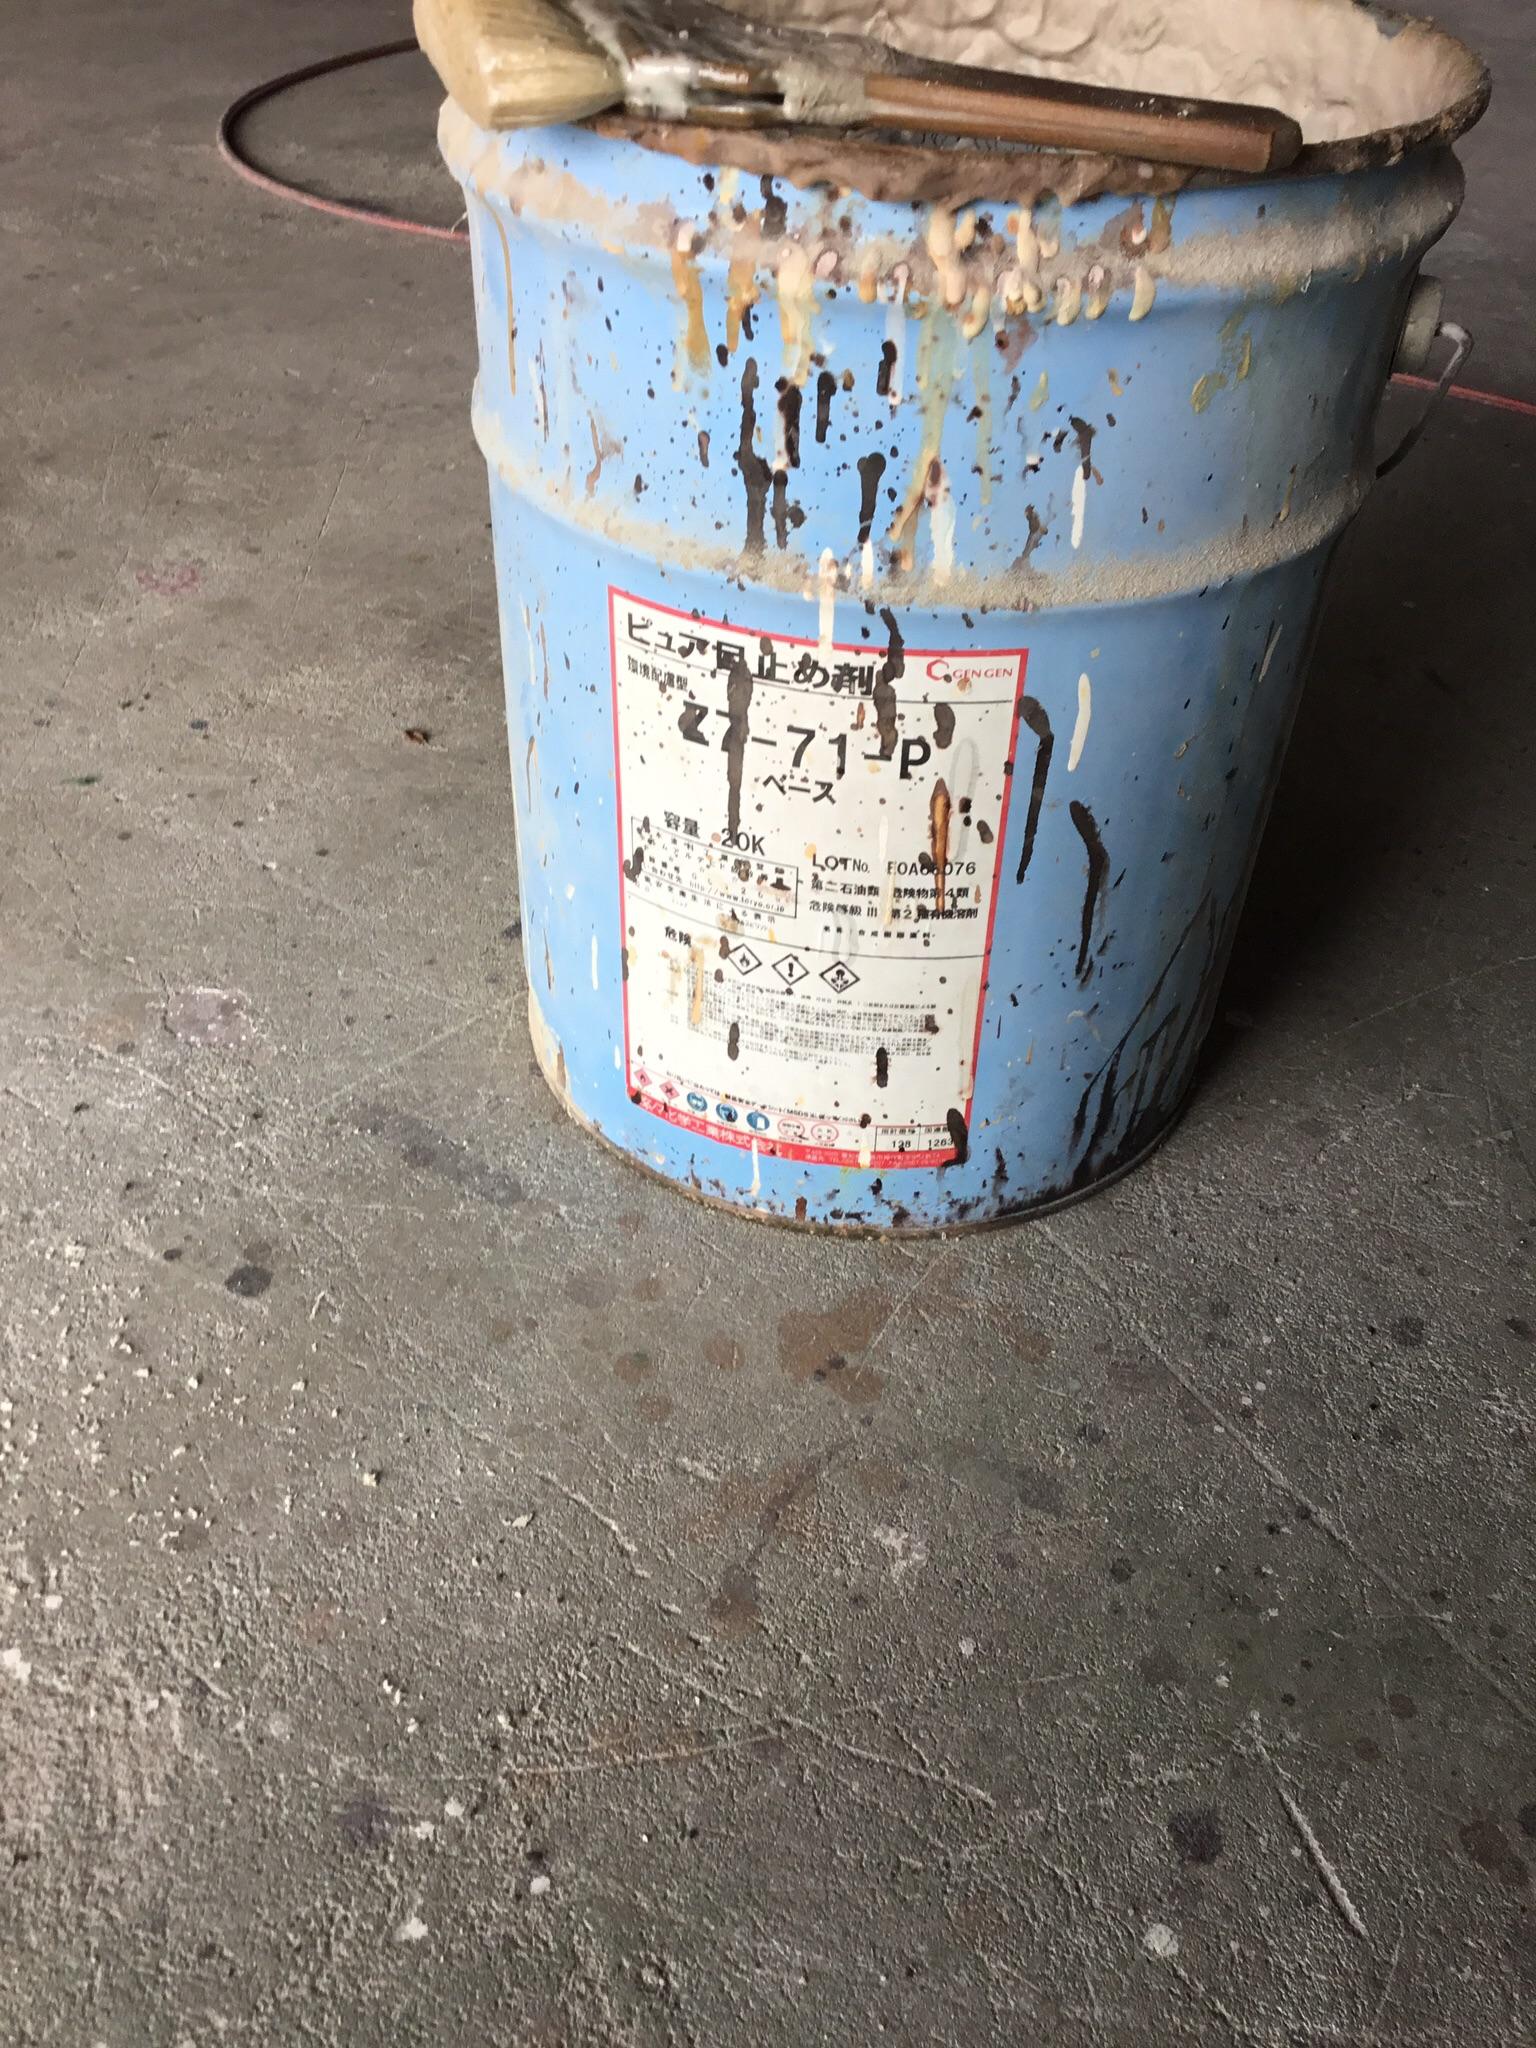 4CA7A56A-3F21-45B6-B0DC-8DC6694328A4